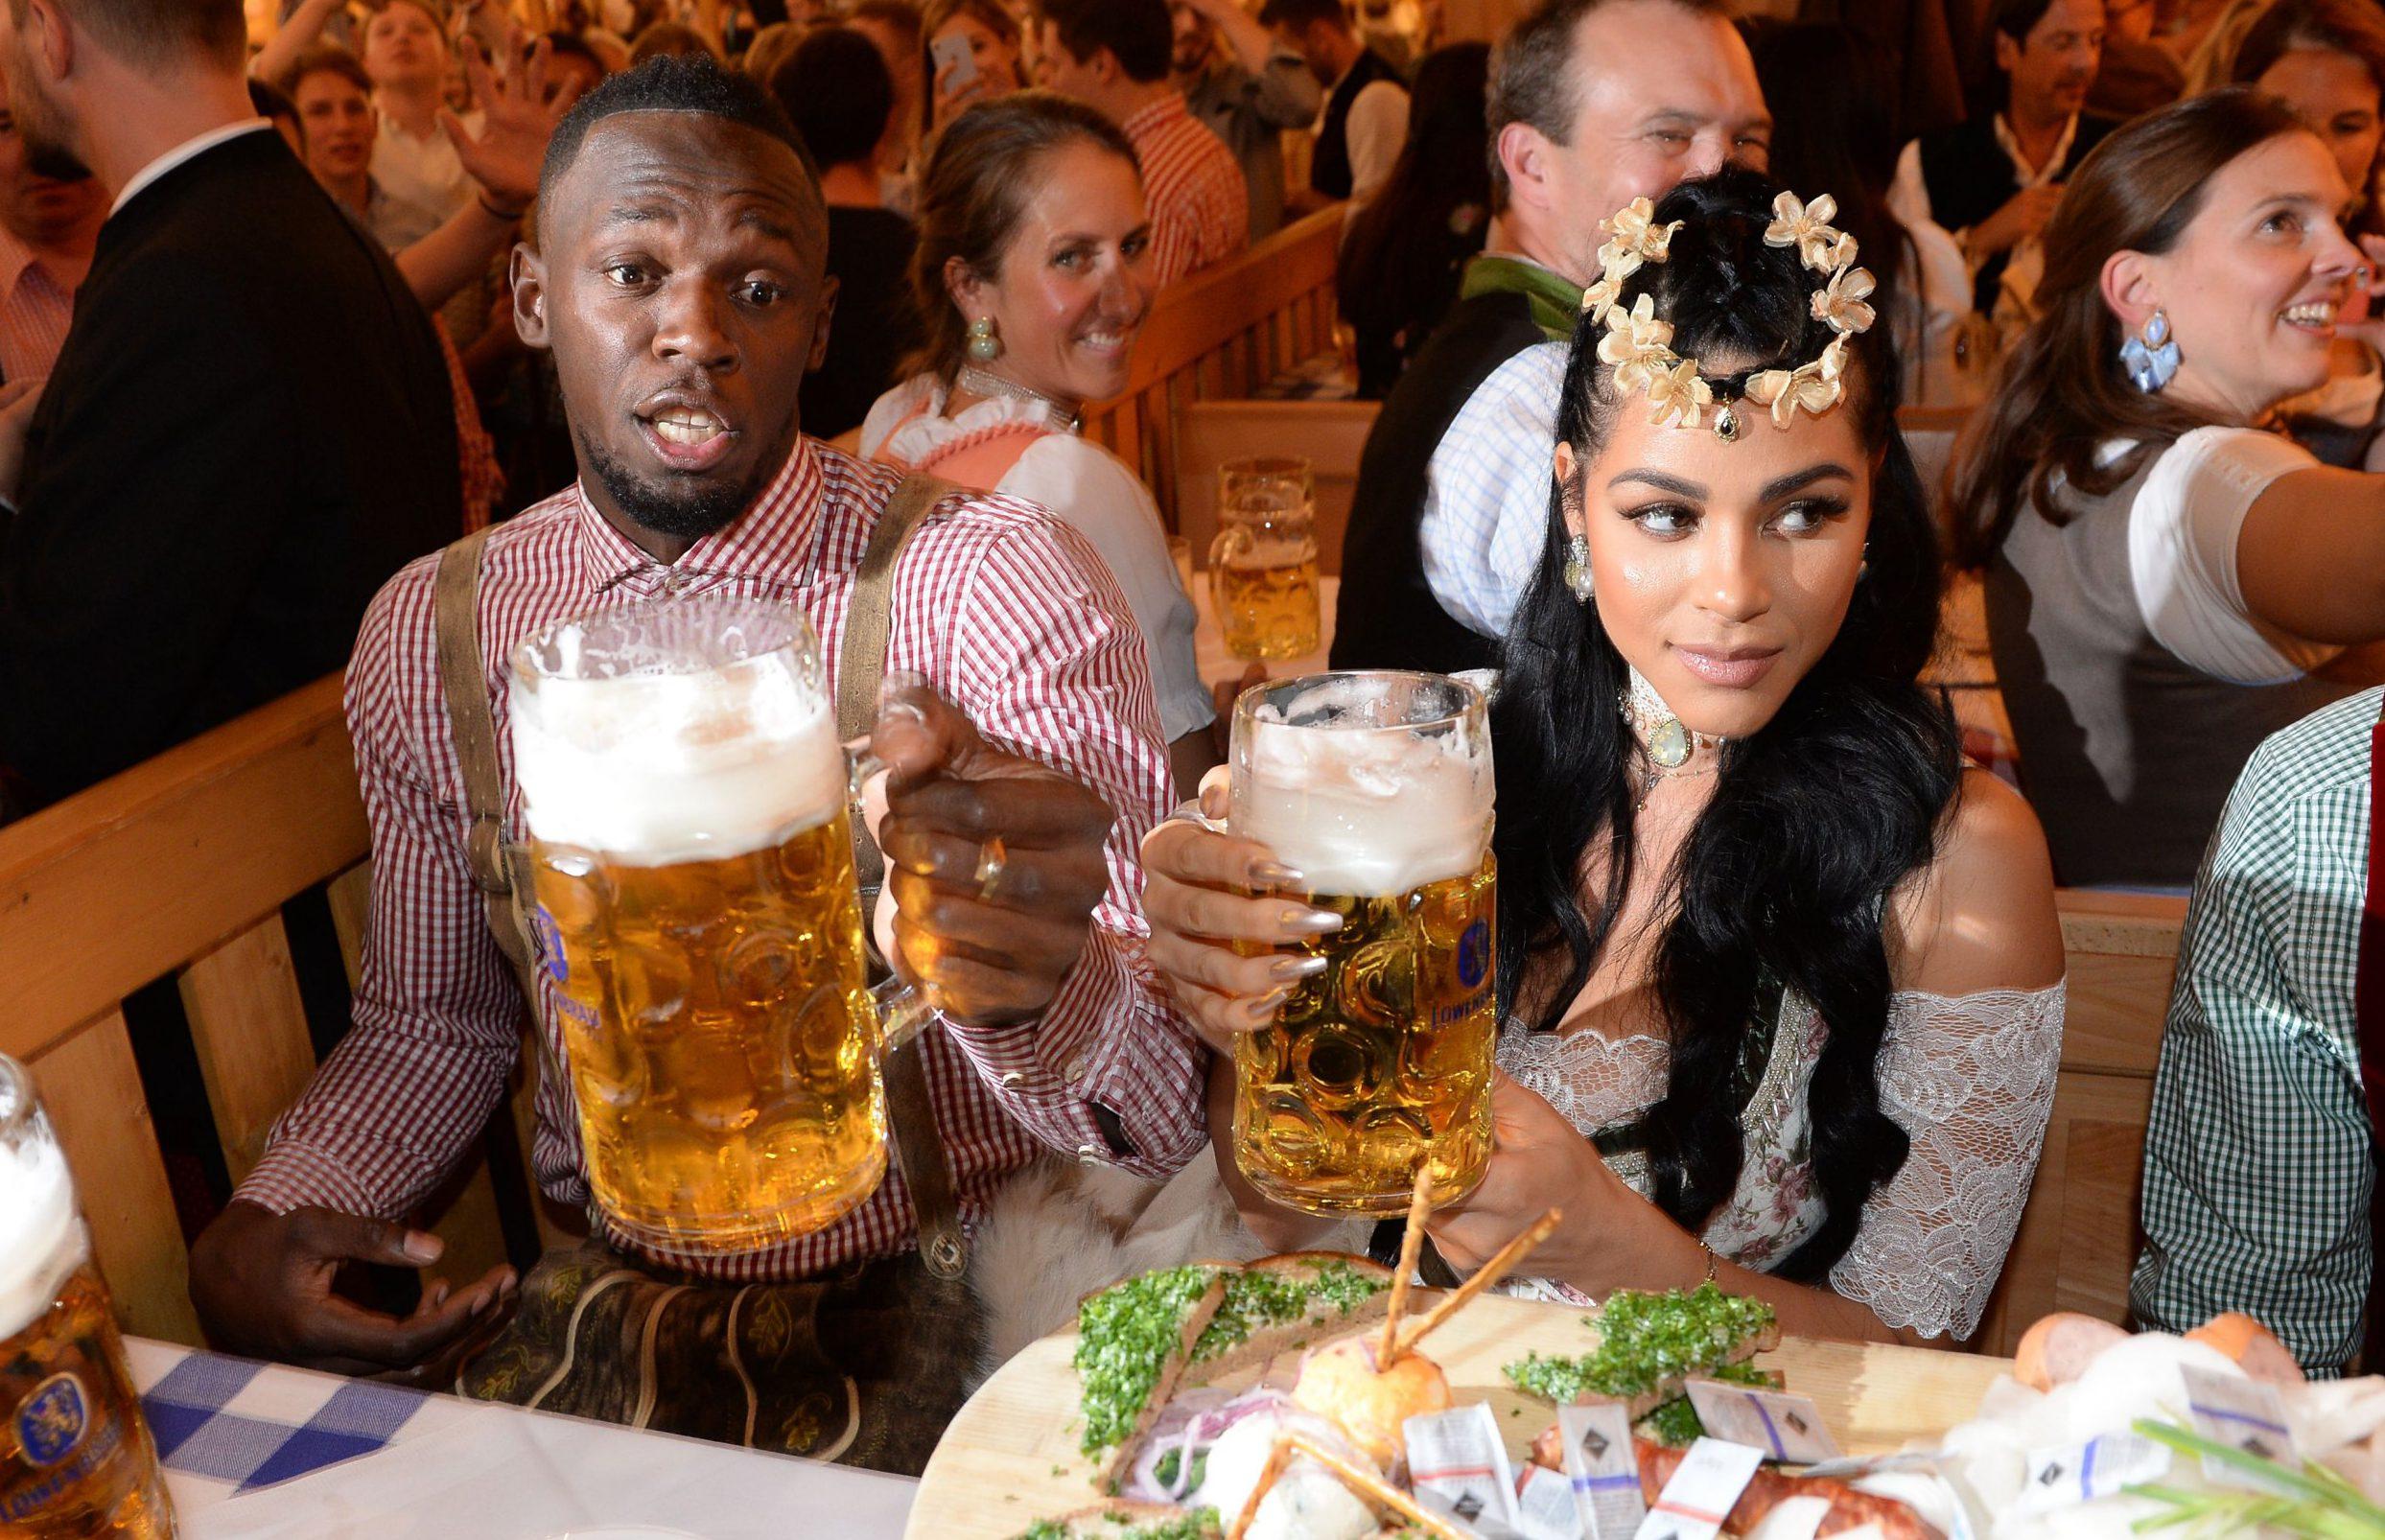 Bolt dating Rihanna